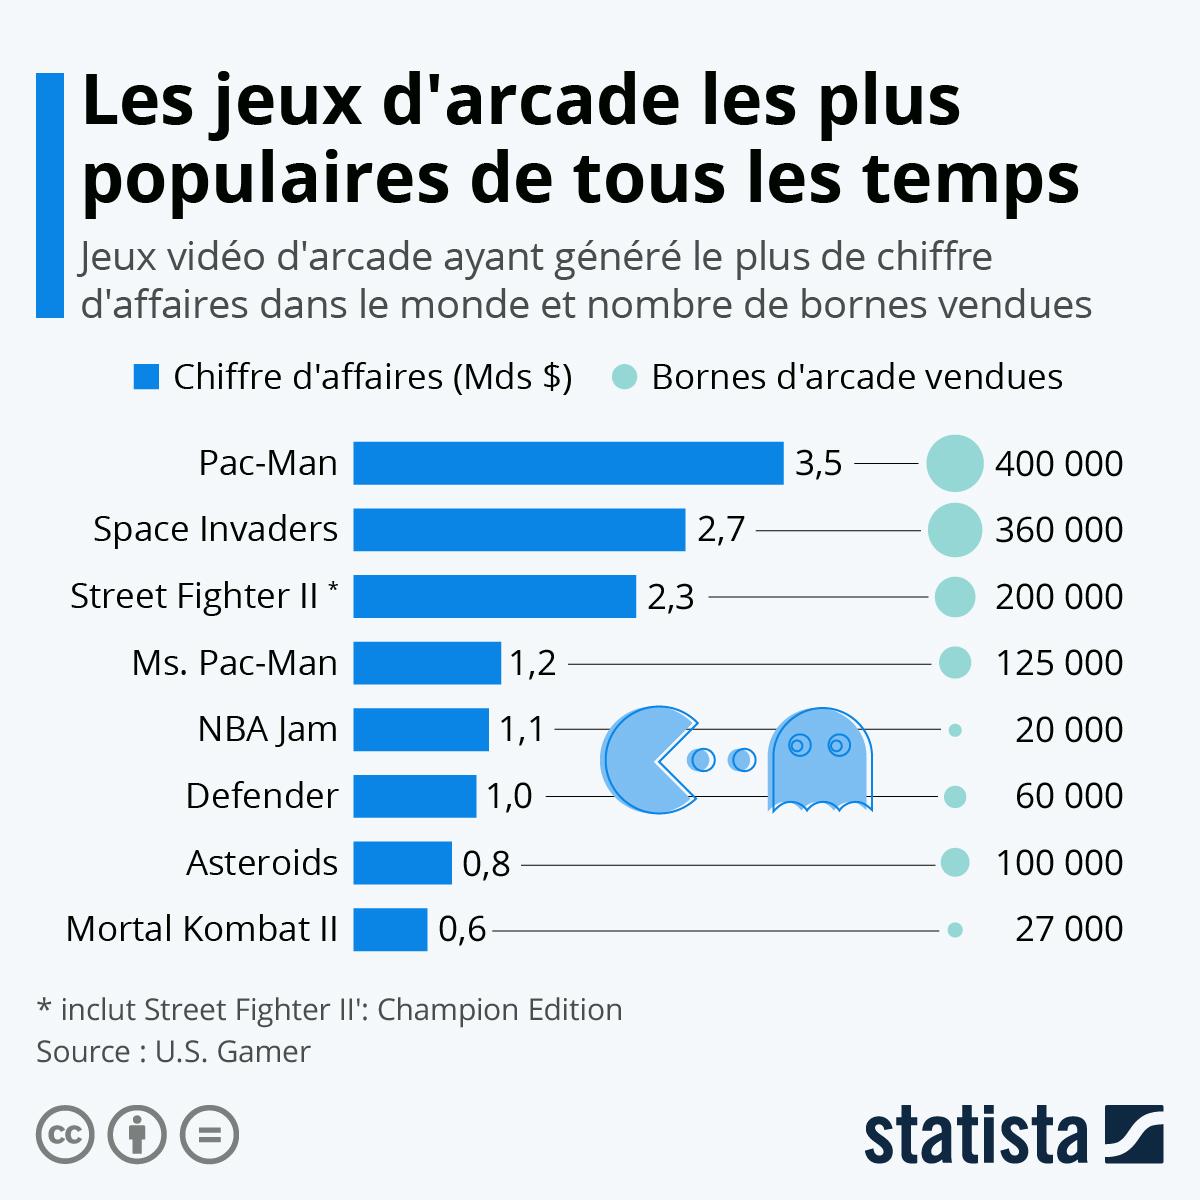 Infographie: Pac-Man, le jeu vidéo d'arcade le plus populaire de tous les temps | Statista